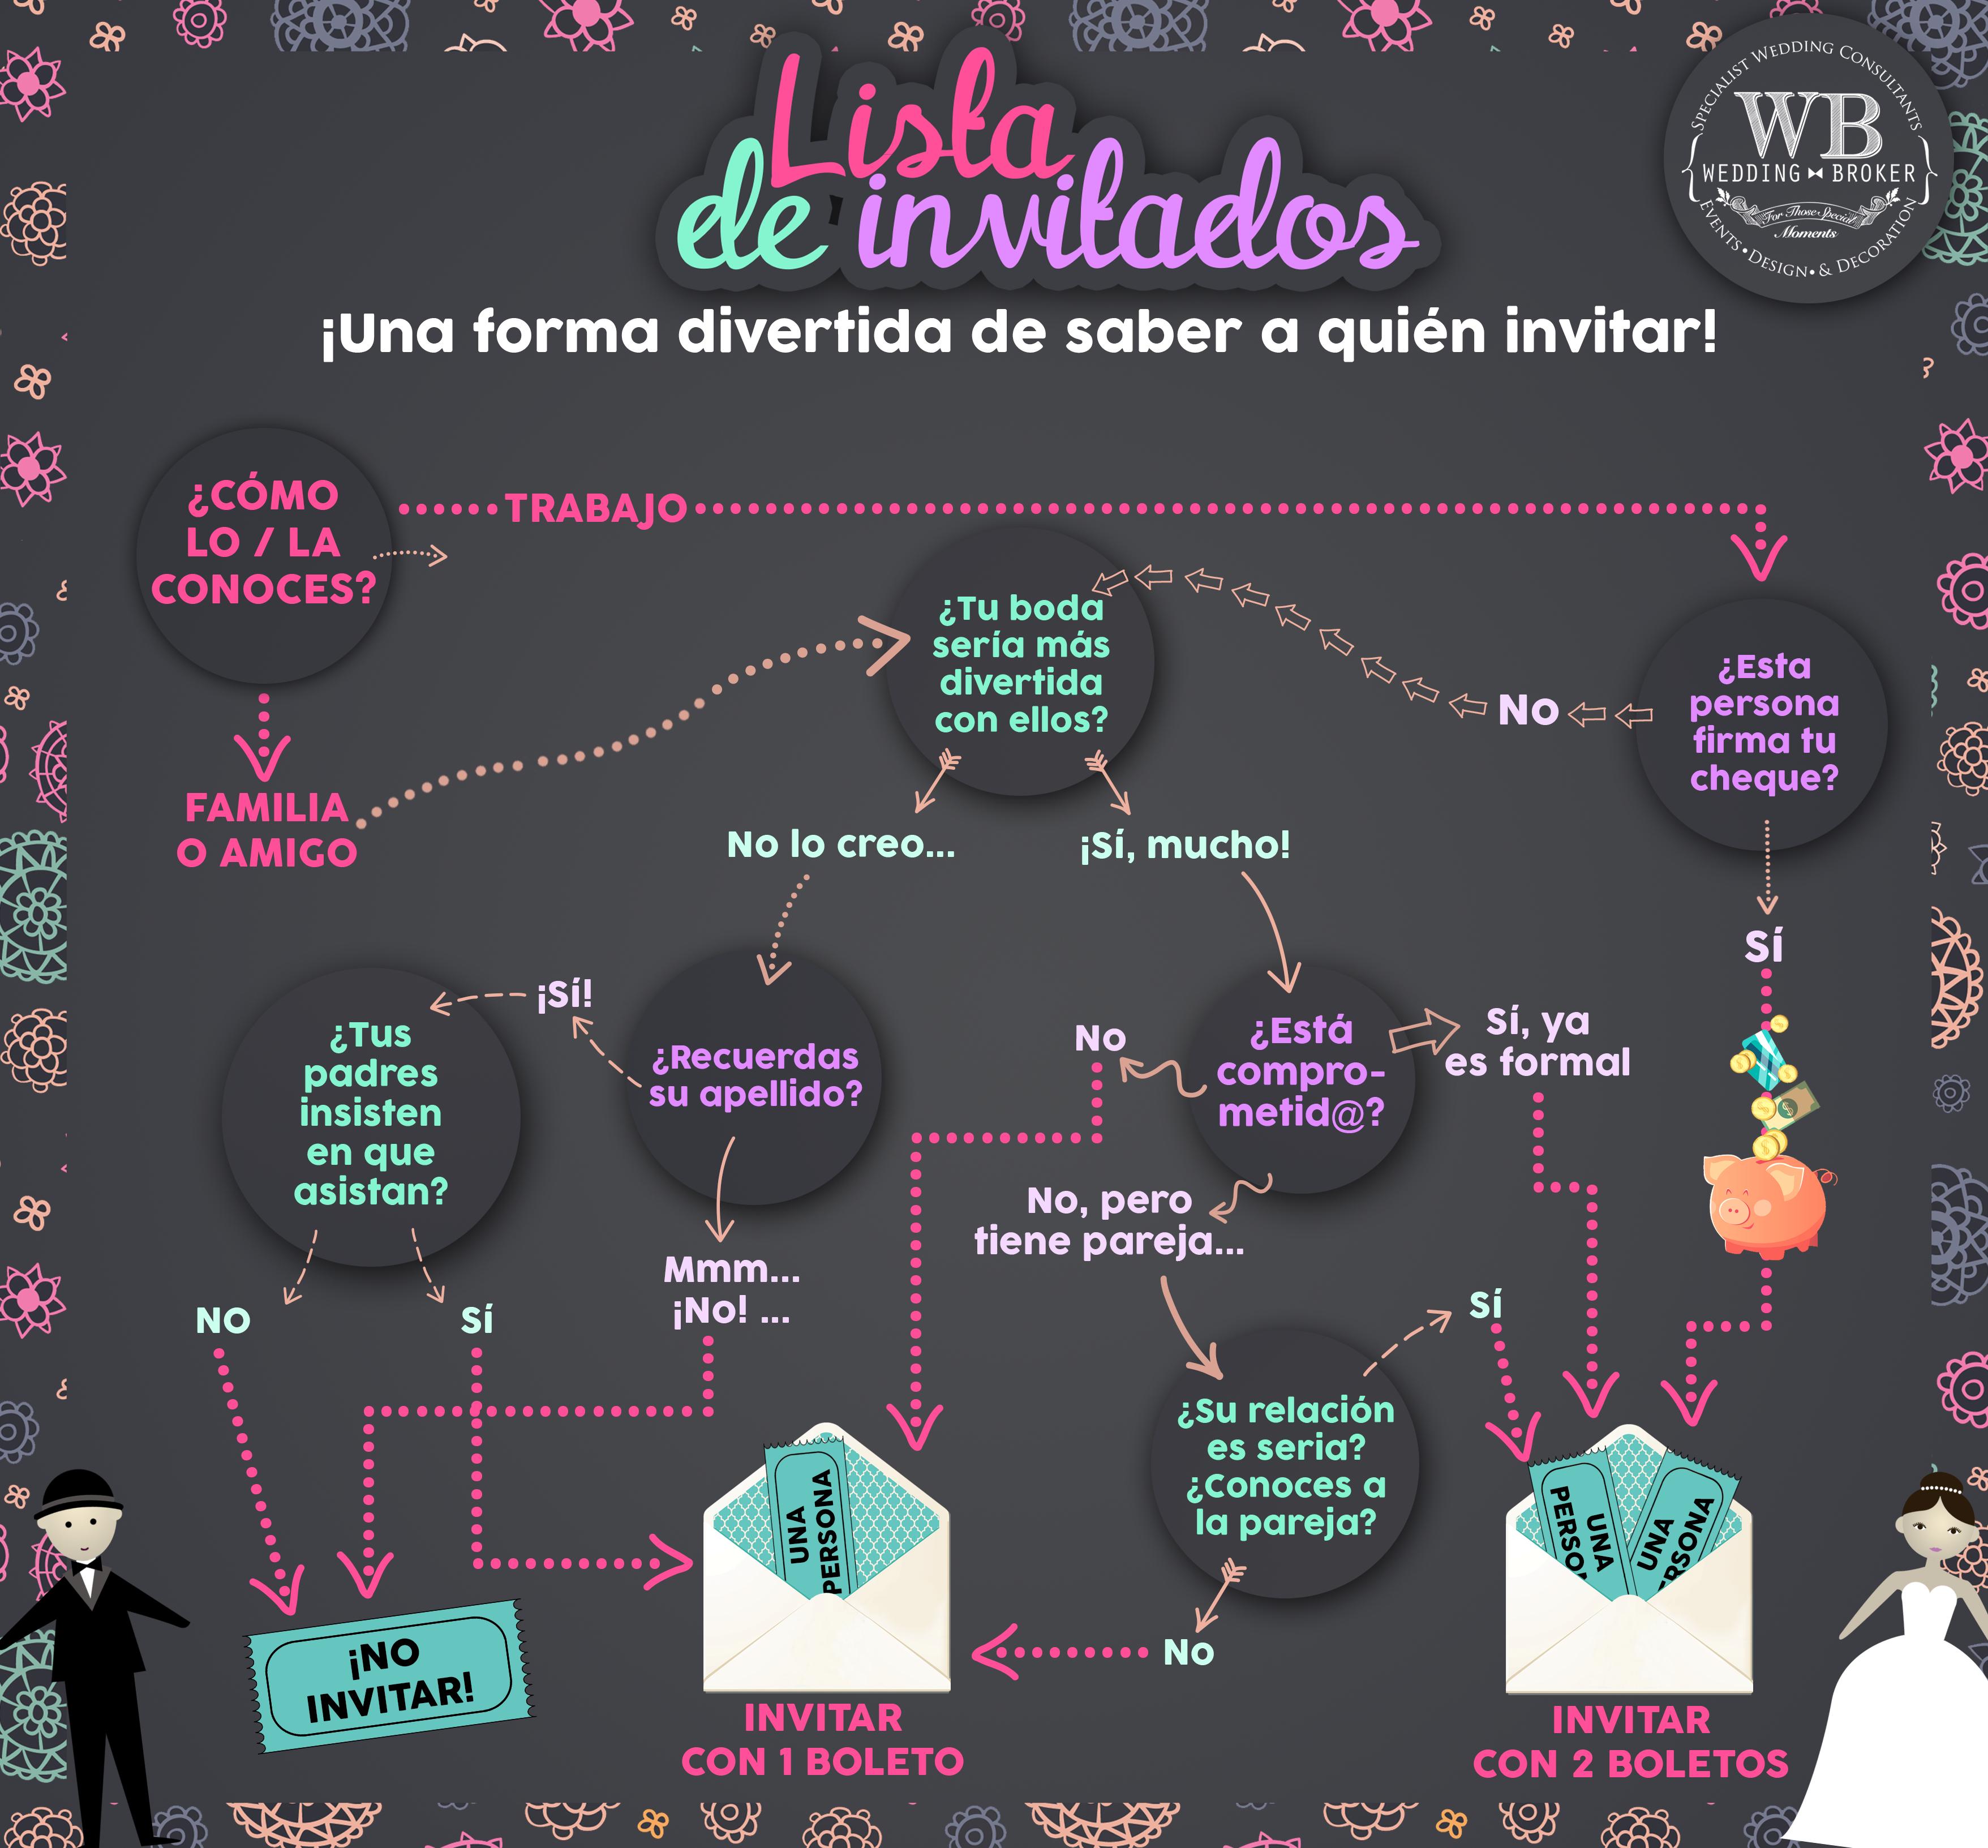 La lista ideal para saber quiénes serán tus invitados! #WeddingBroker    Lista de invitados, Salones para bodas, Boda